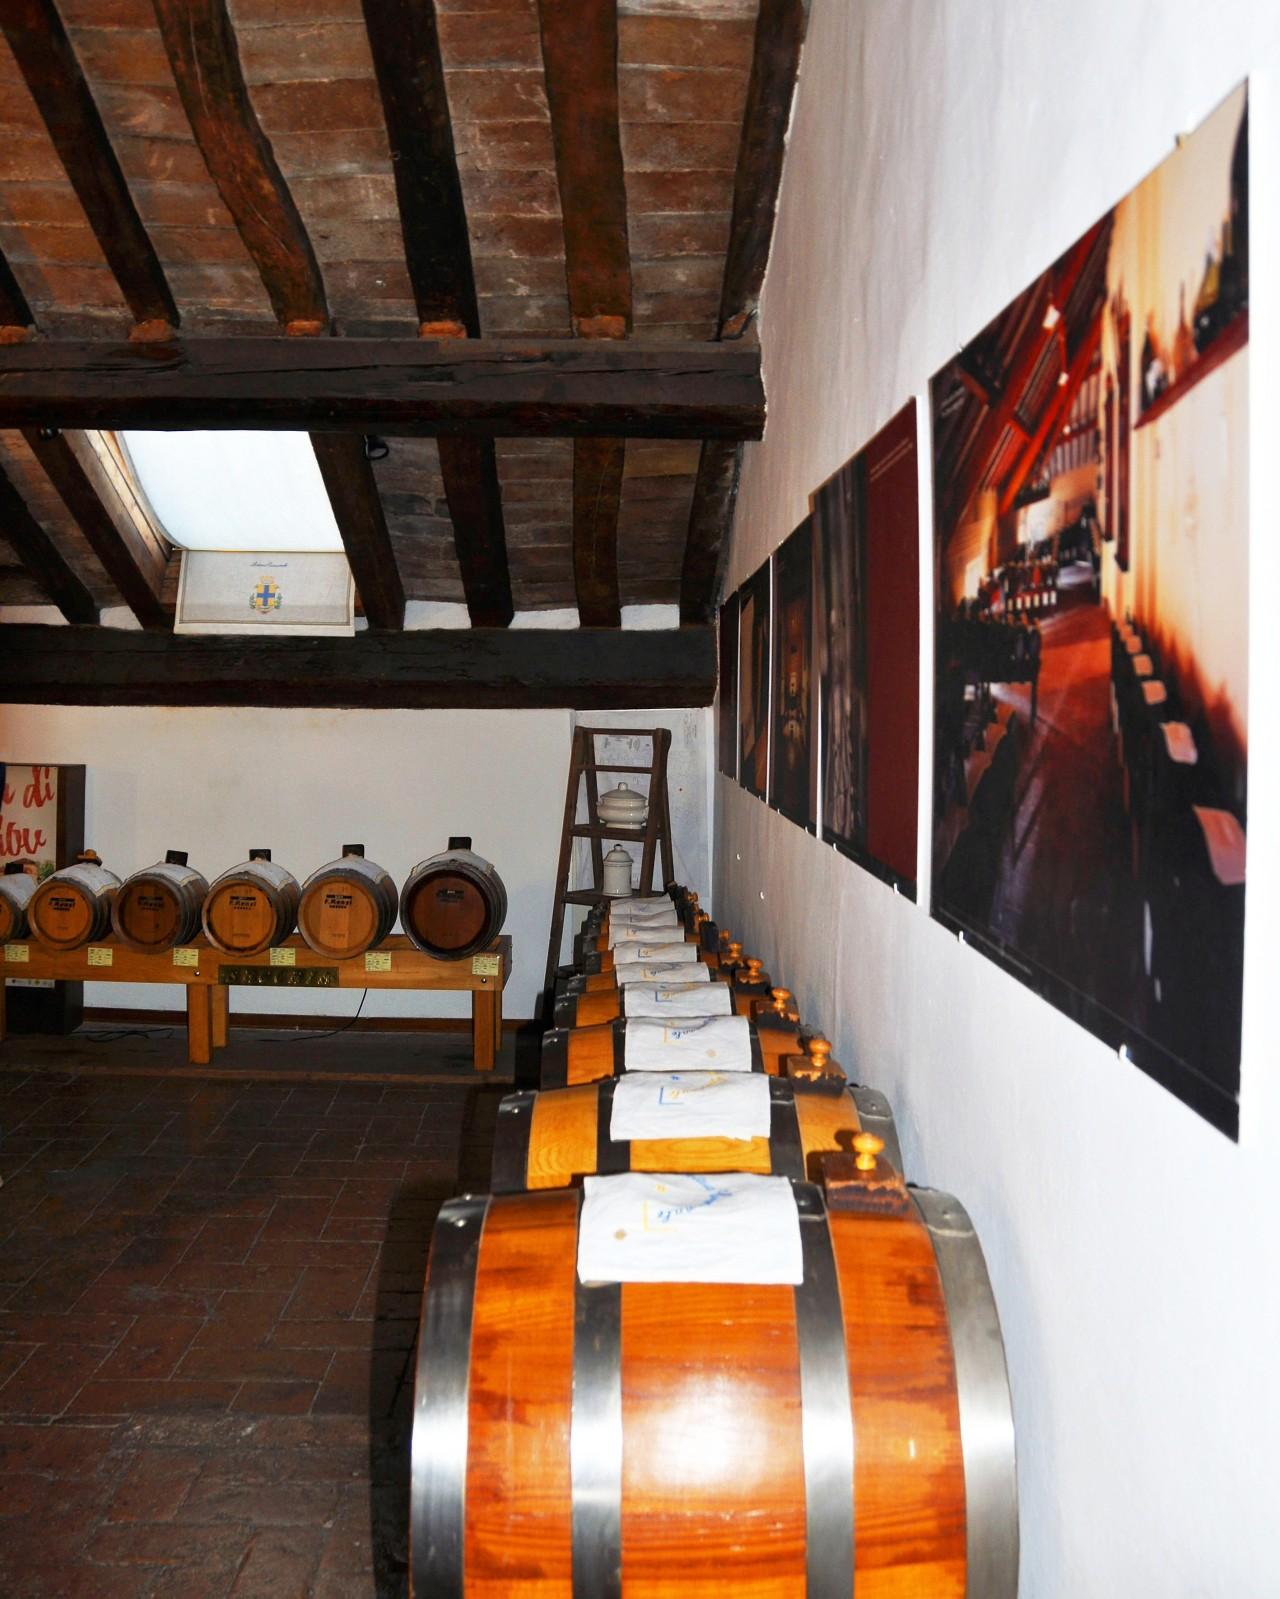 L'Aceto Balsamico Tradizionale di ModenaD.O.P.